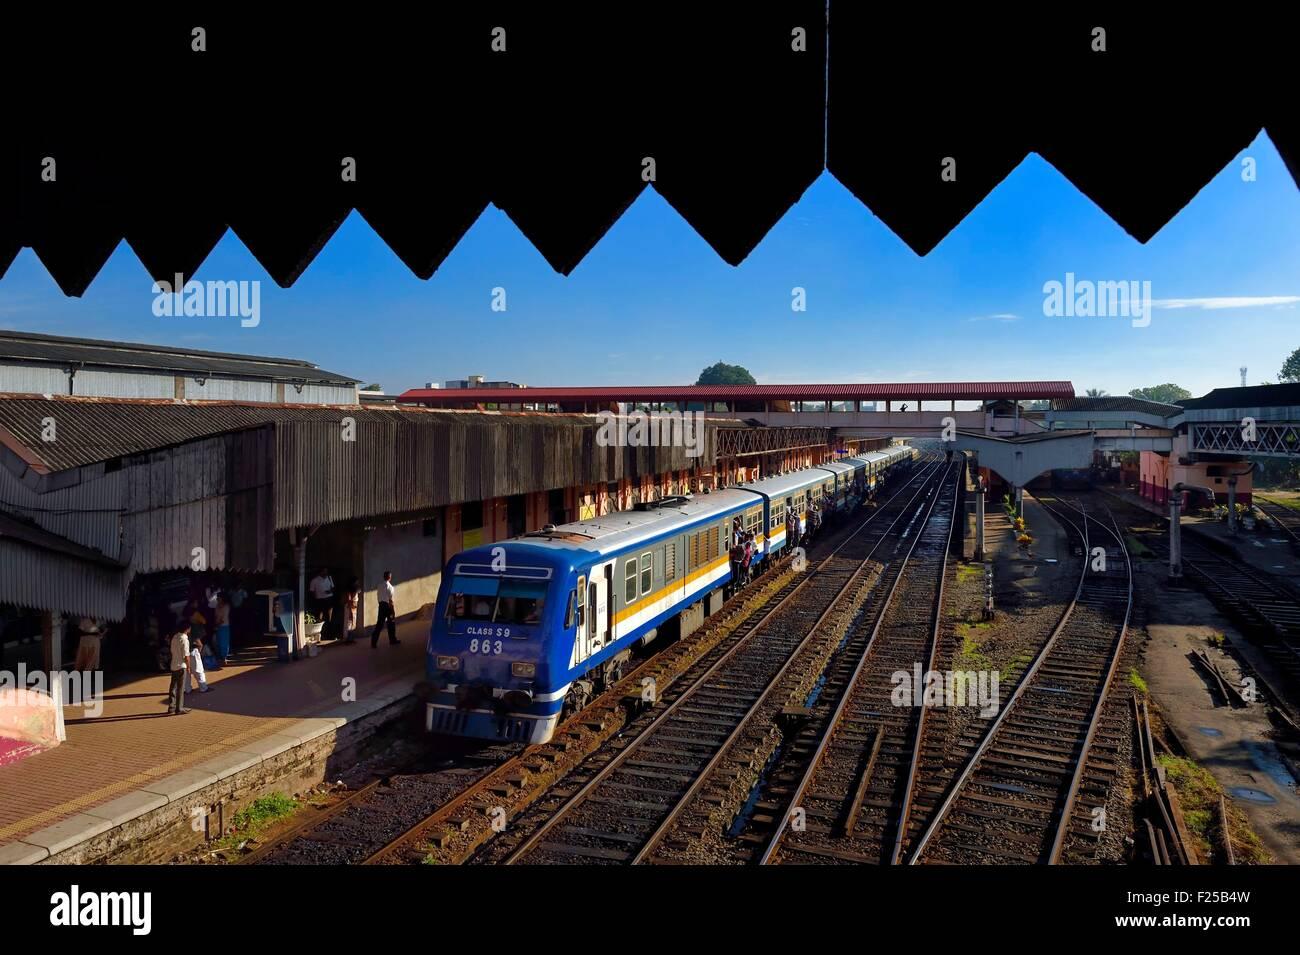 Sri Lanka, Colombo, Maradana train station - Stock Image